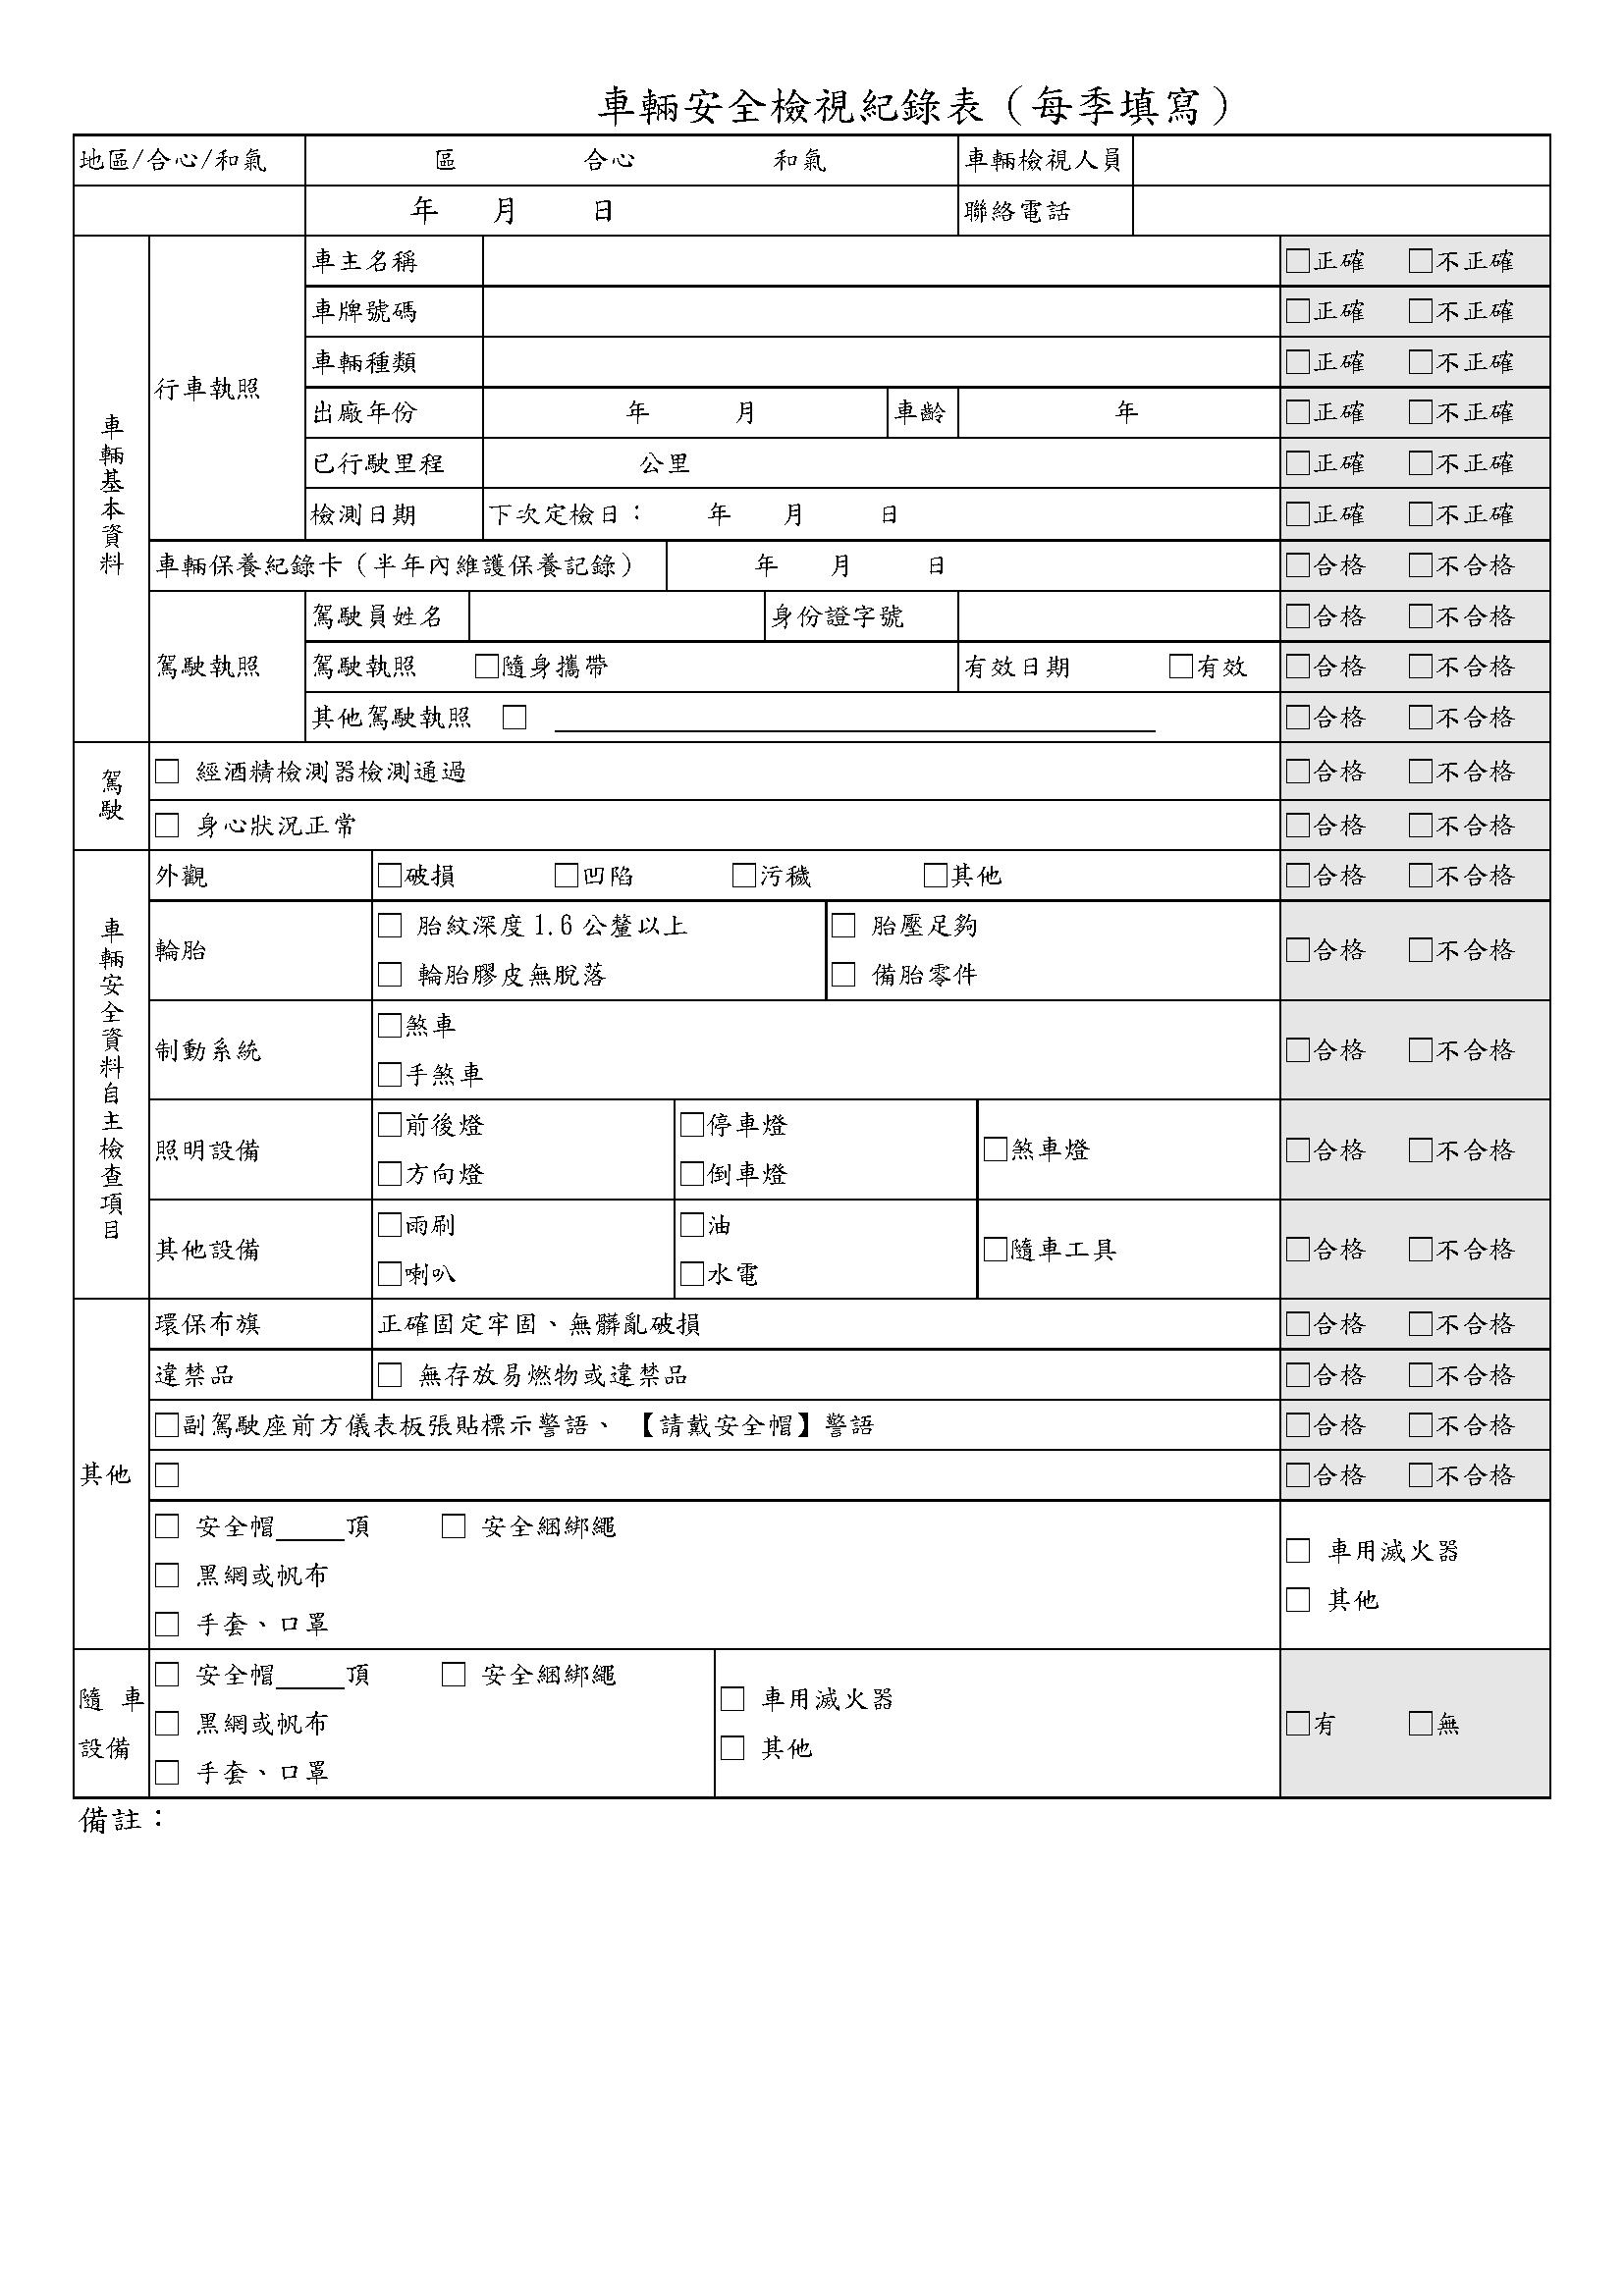 高雄附件5-車輛使用記錄管理表(附件一).png